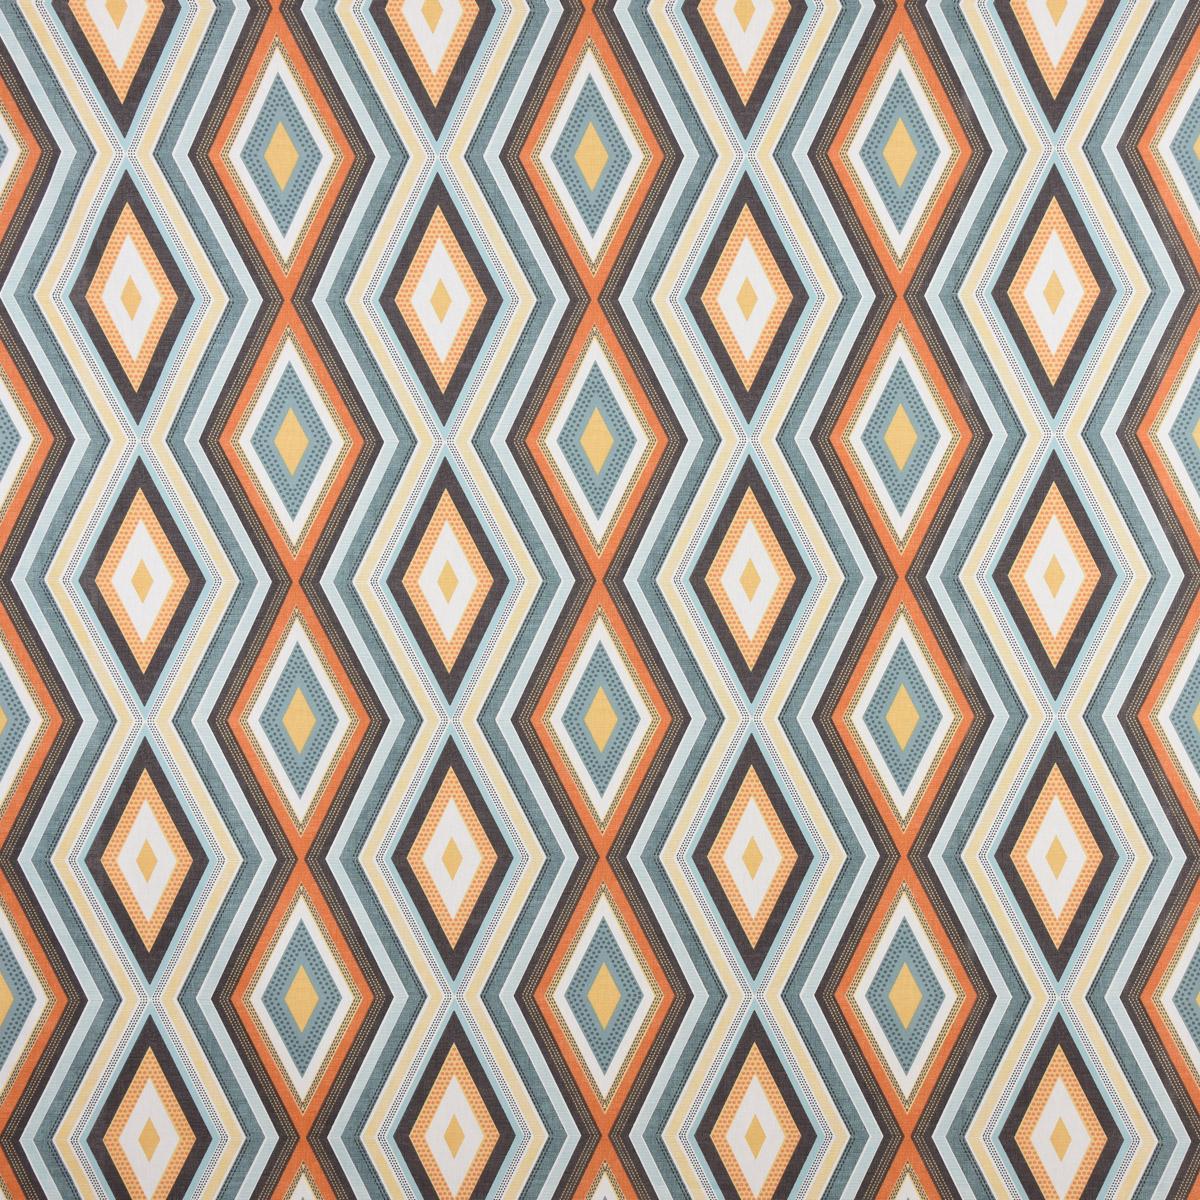 Clarke & Clarke STUDIO G Englischer Dekostoff Polsterstoff geometrisch Ethno Raute creme bunt 138cm Breite